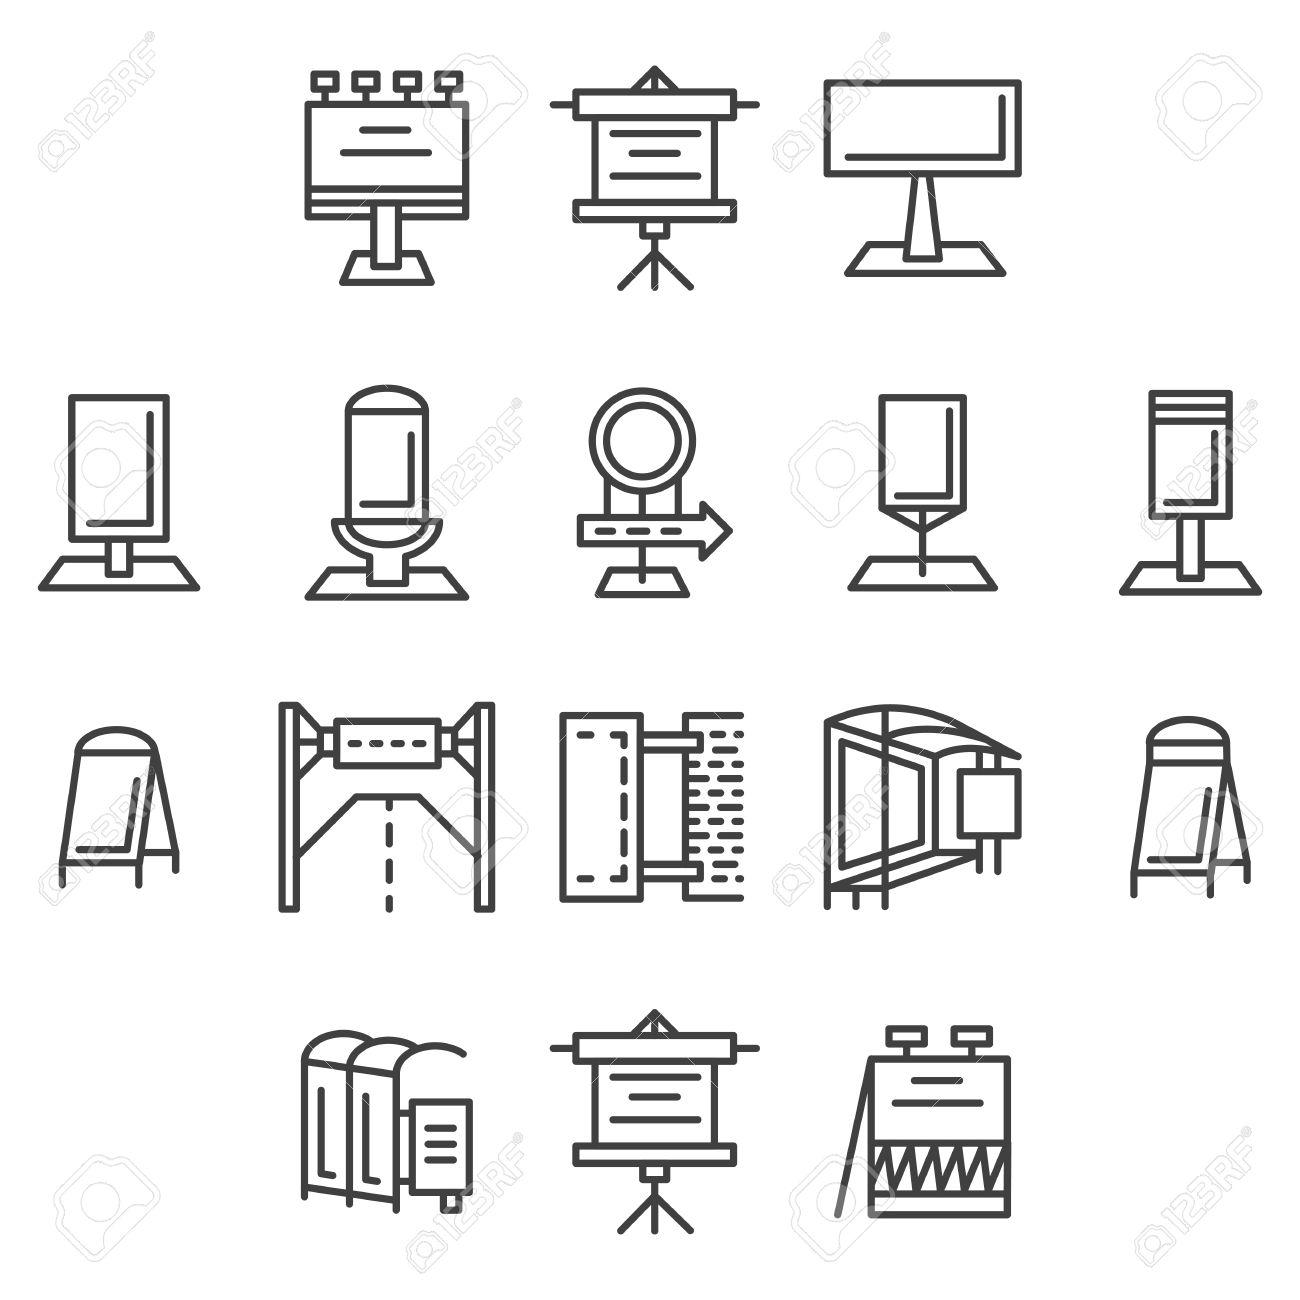 Ziemlich Lichtschalter Symbole Ideen - Elektrische Schaltplan-Ideen ...